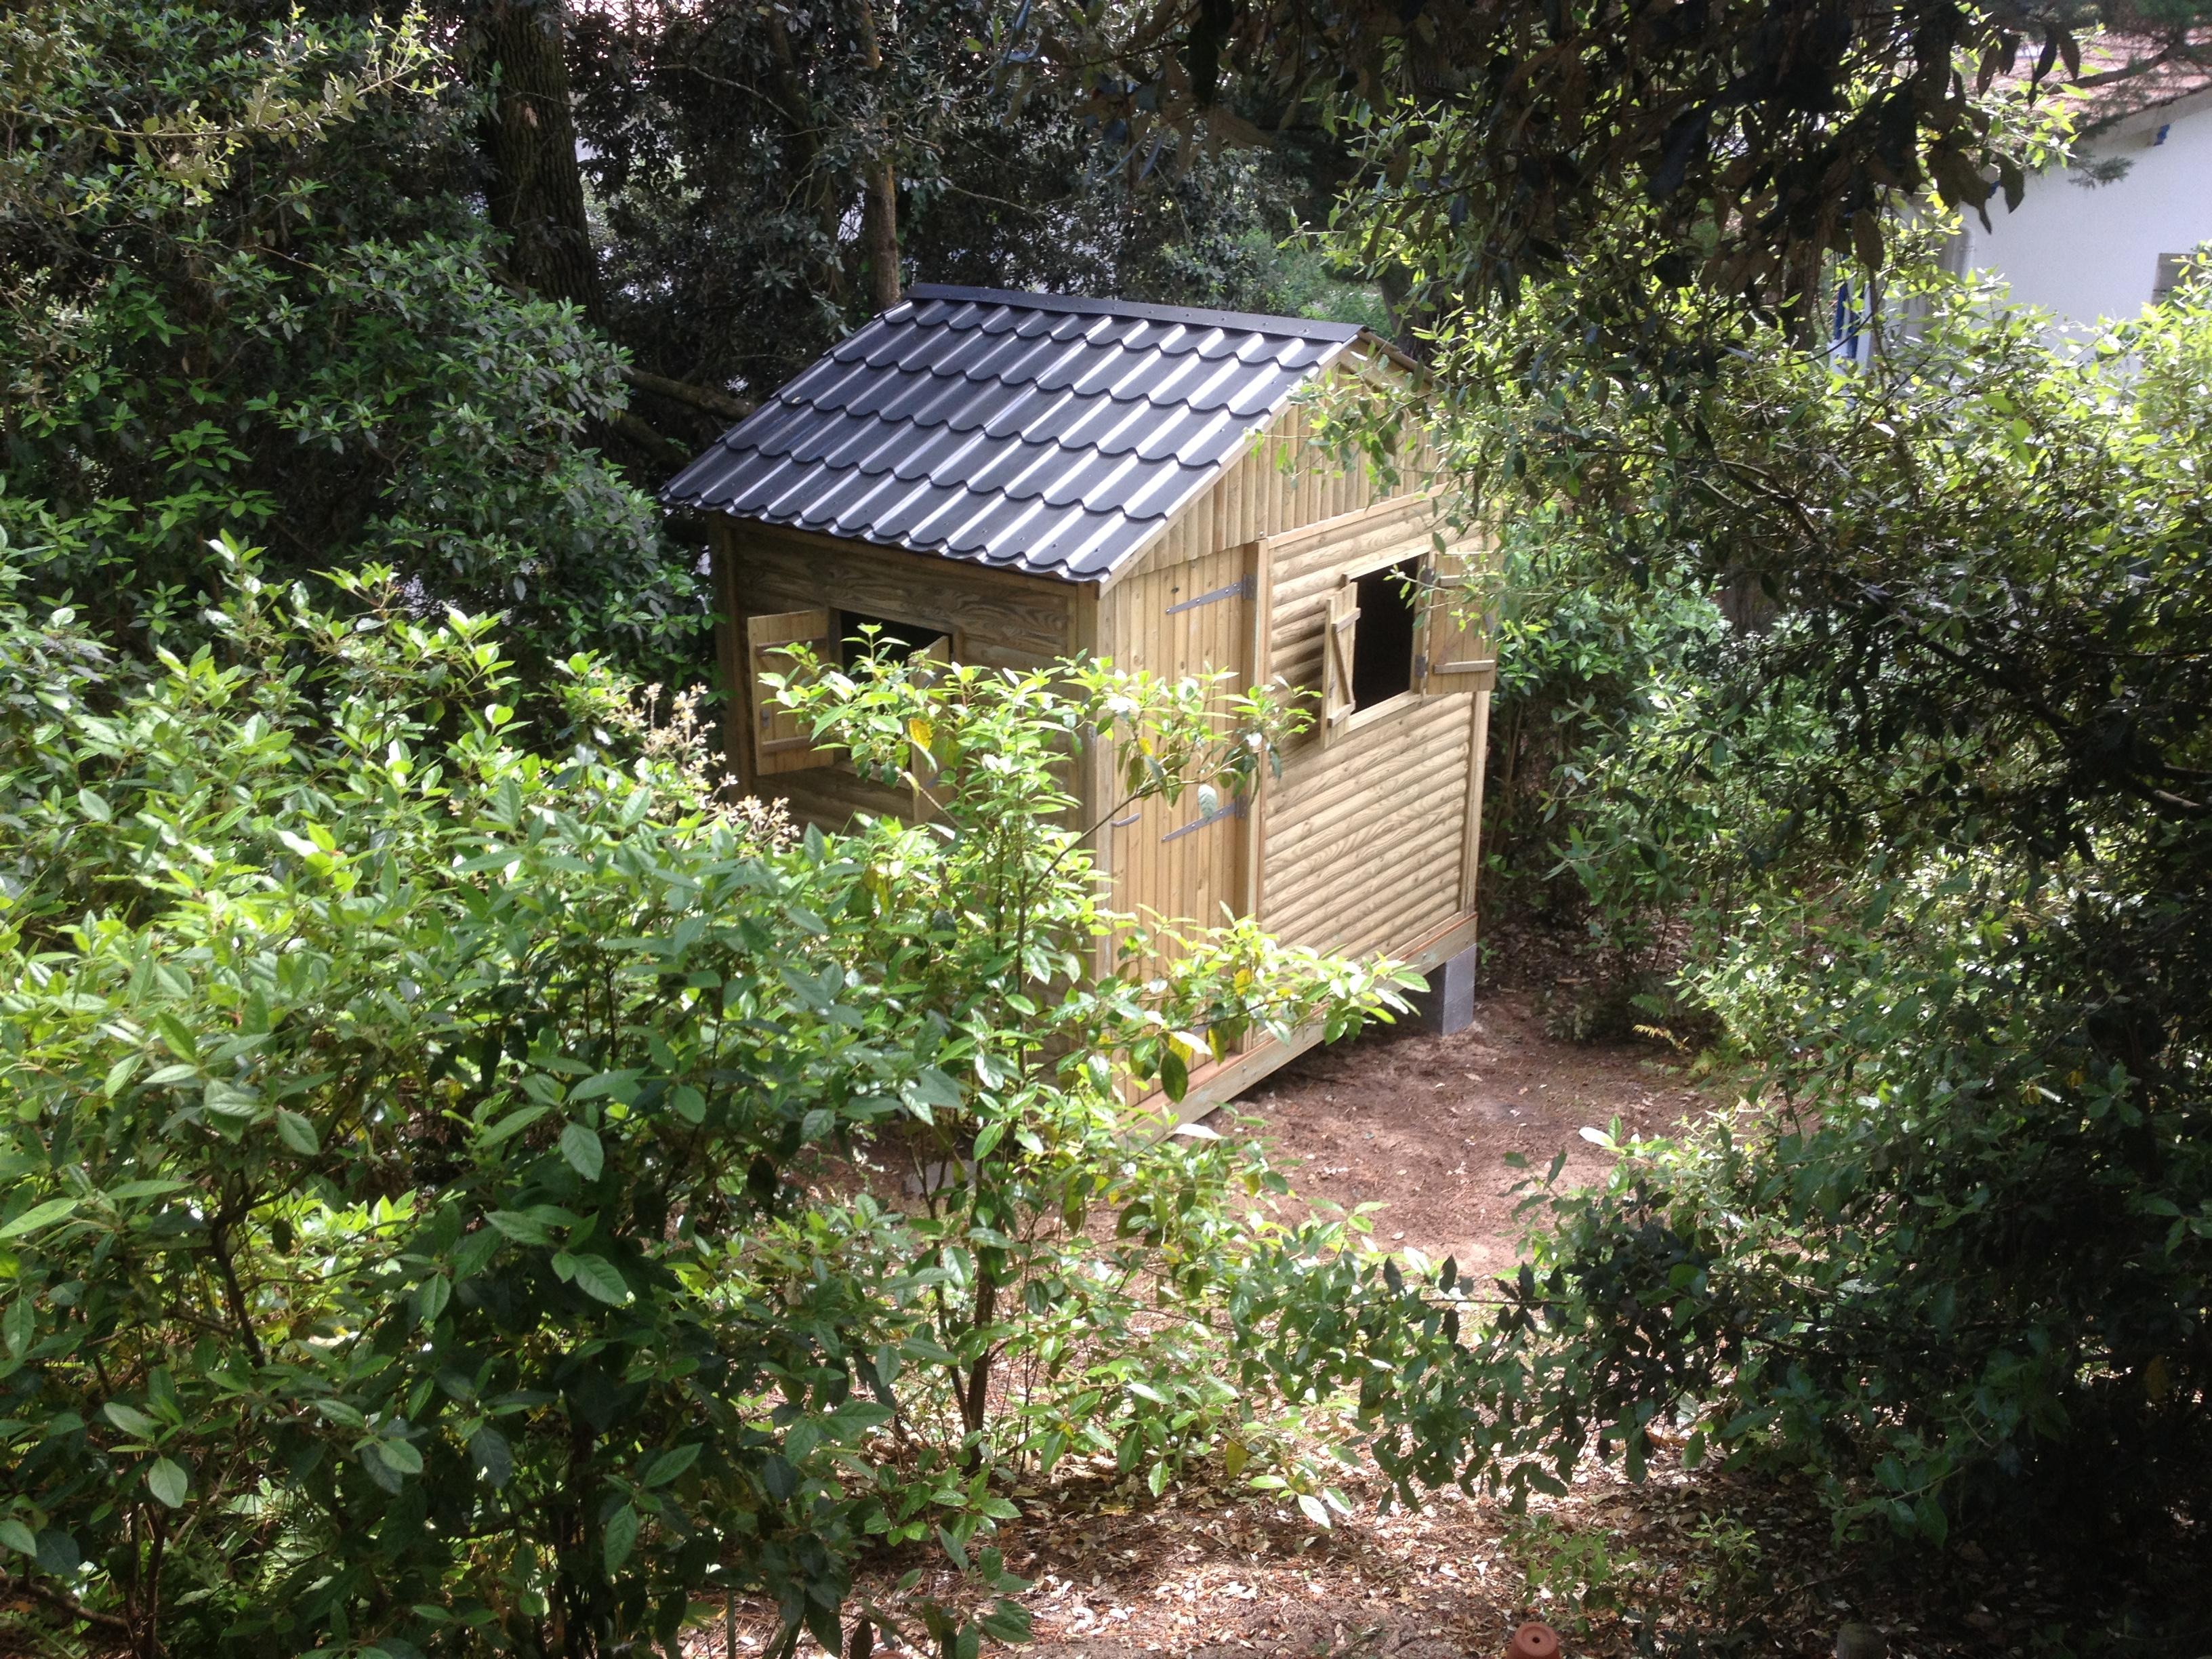 Abris De Jardin Lerouvillois S Am Nagement De Jardins # Abris De Jardin Elise